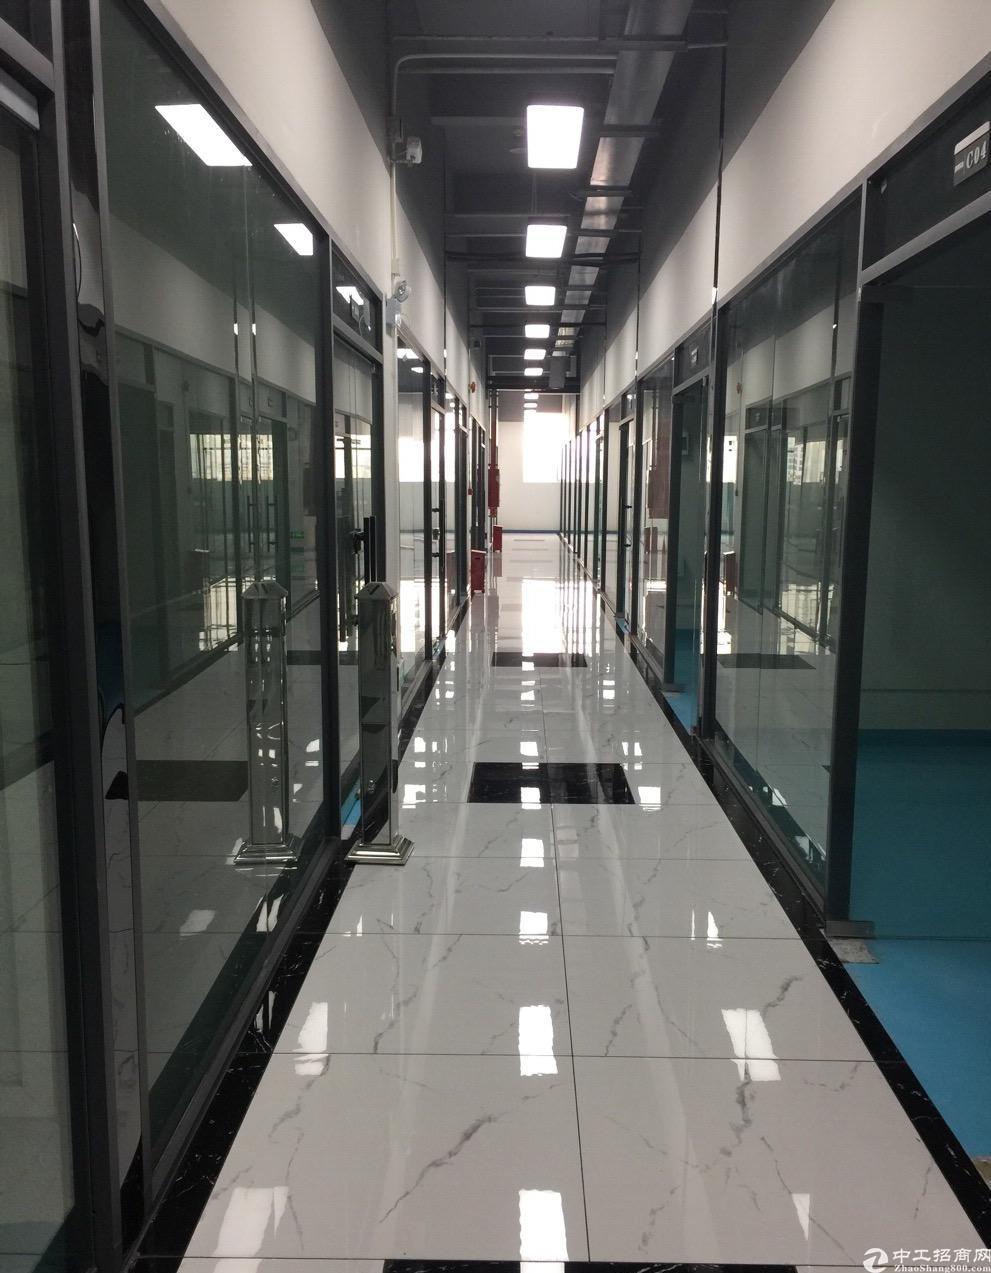 【坂田厂房】杨美地铁站口精装修厂房仓库出租